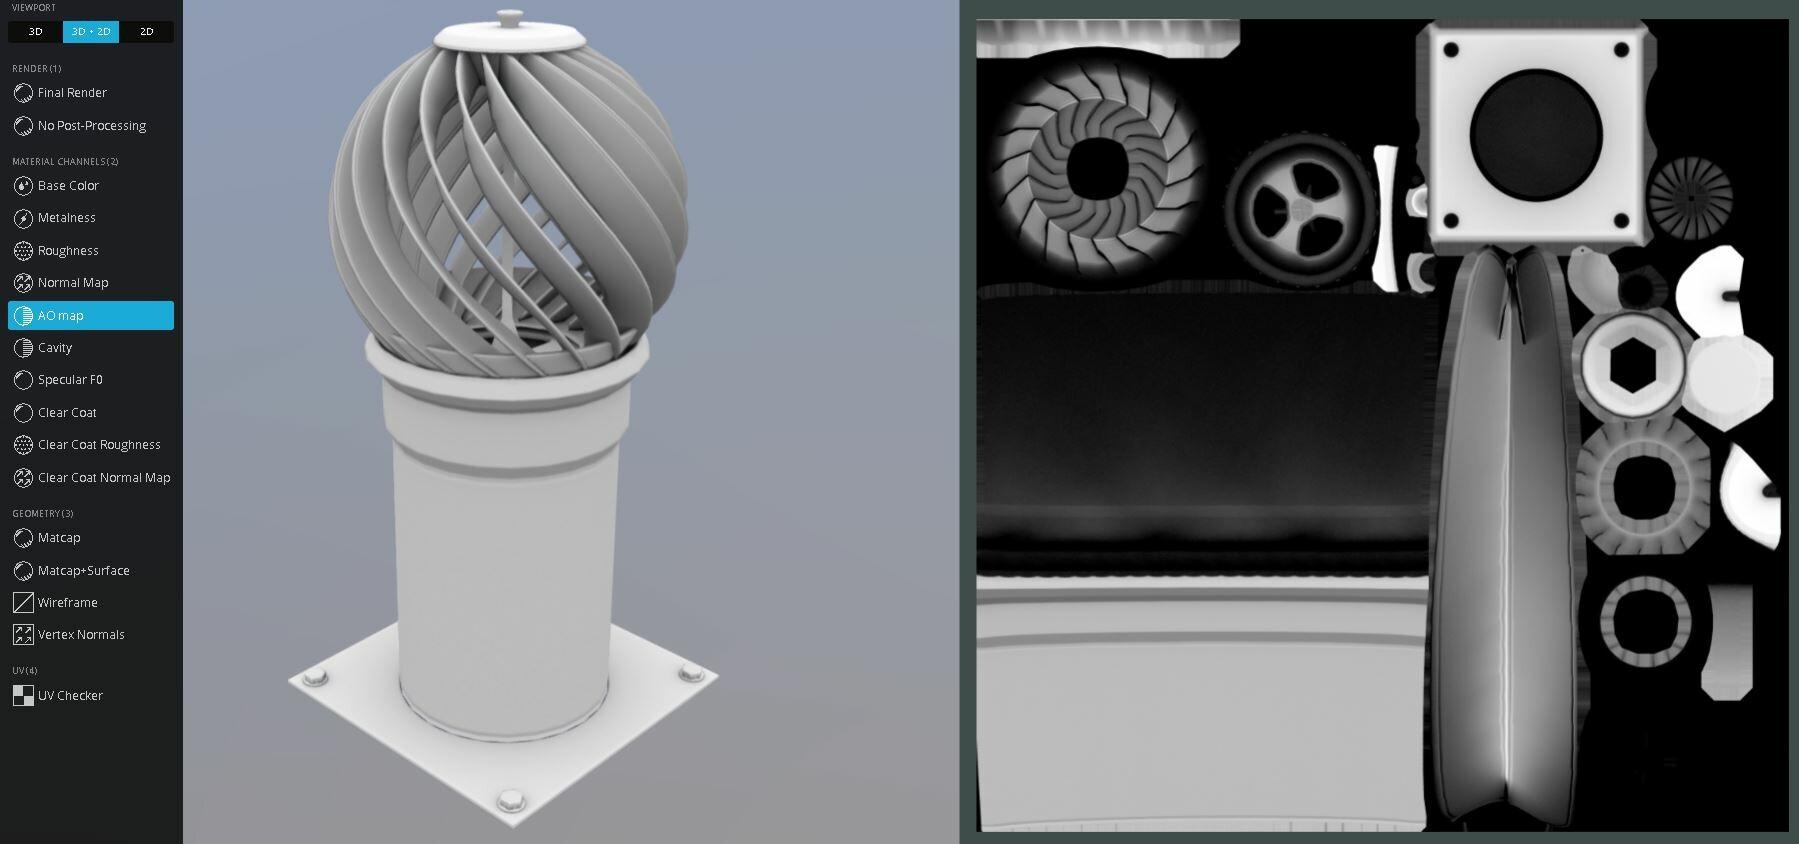 artstation chimney roof exhaust fan